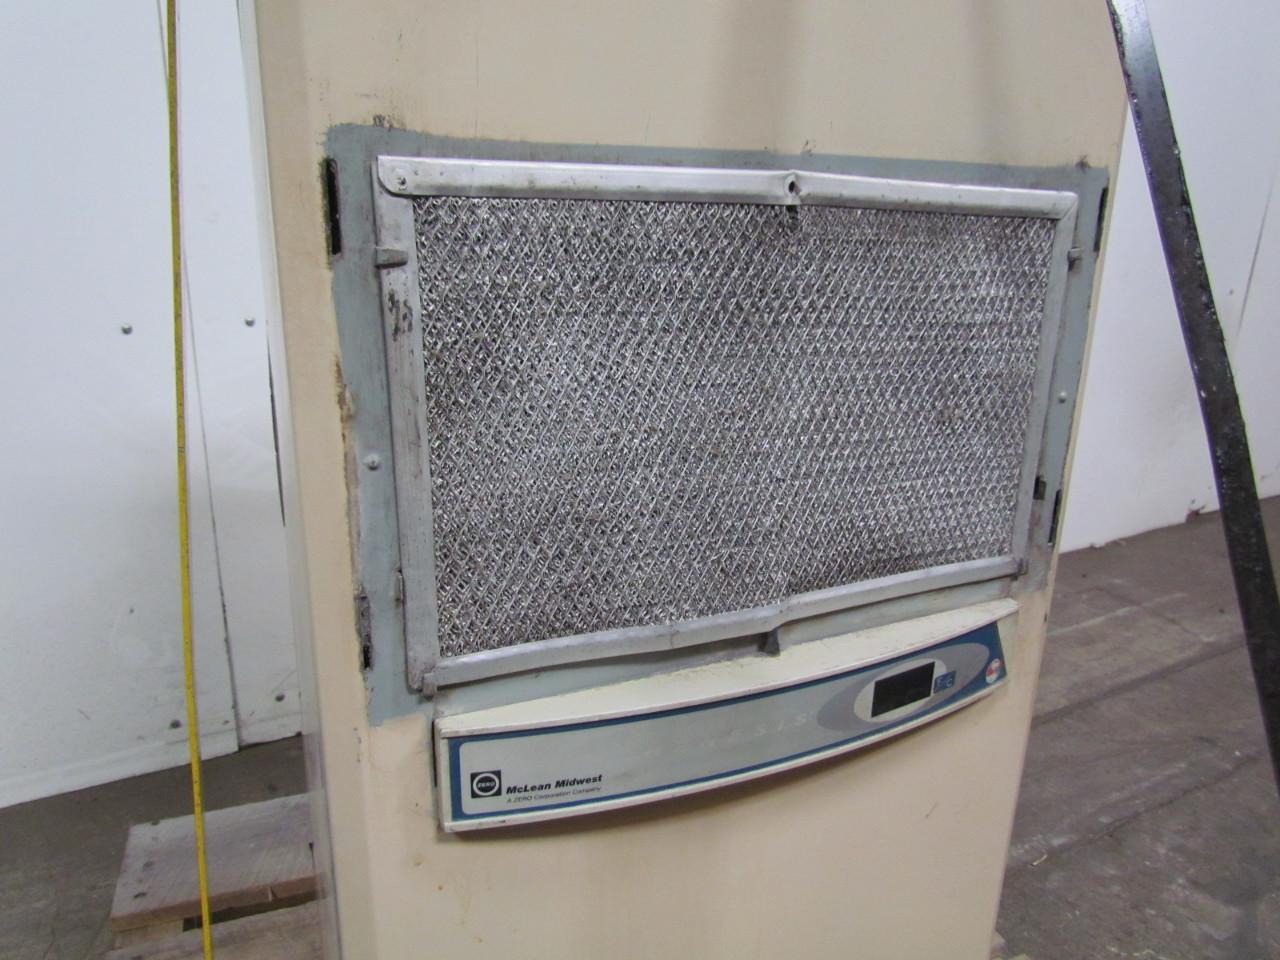 Midwest M36 0616 307 Enclosure Air Conditioner 5000/6000 BTU 115Vac #6F6646